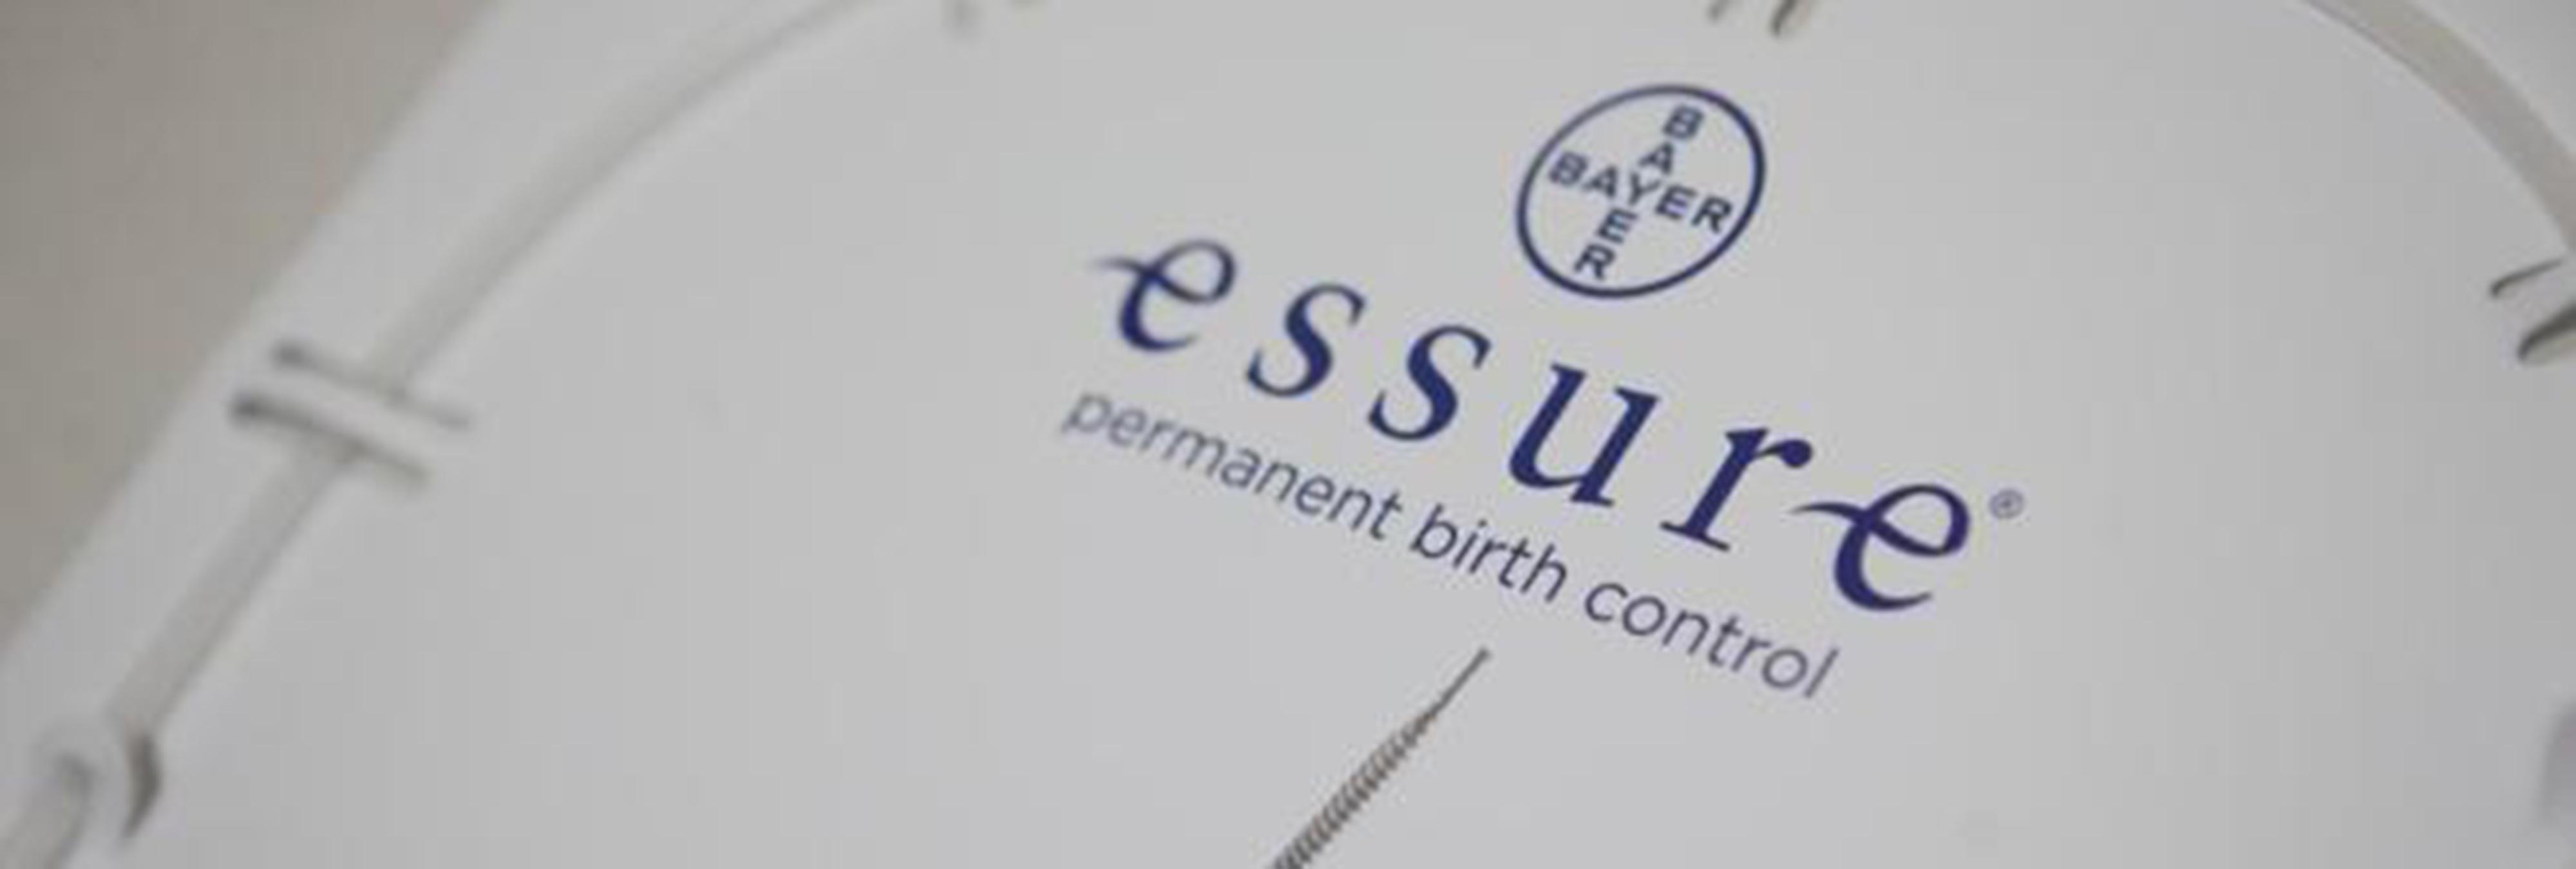 Essure, un método anticonceptivo con unos horribles efectos secundarios